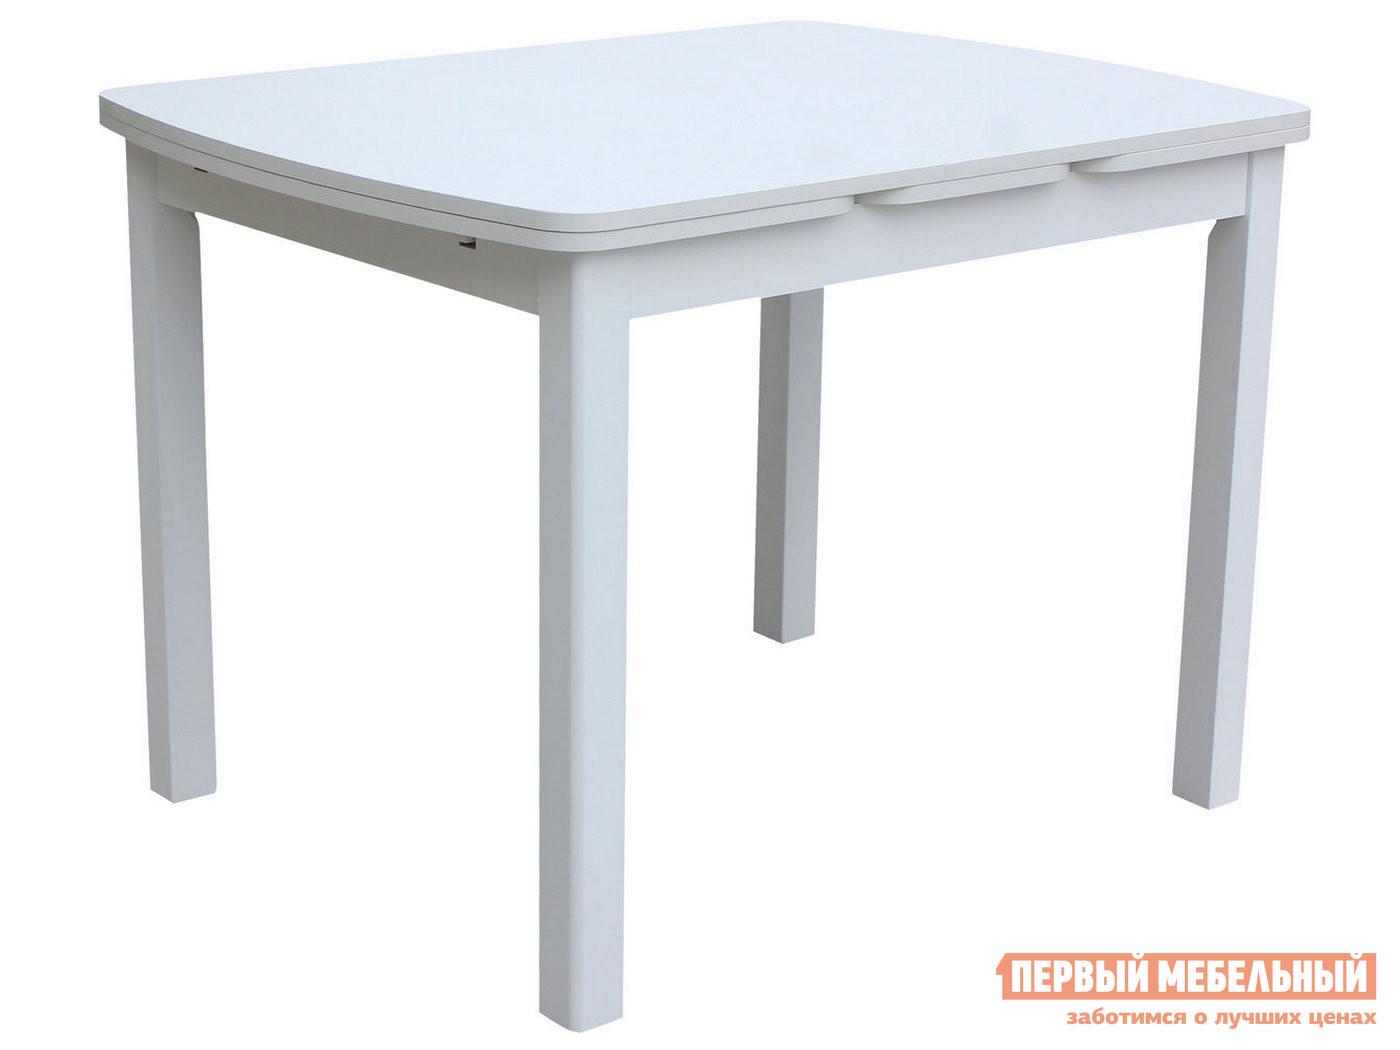 Кухонный стол  Орлеан 1,7 ЛДСП Белый матовый / Мебвилл 76175